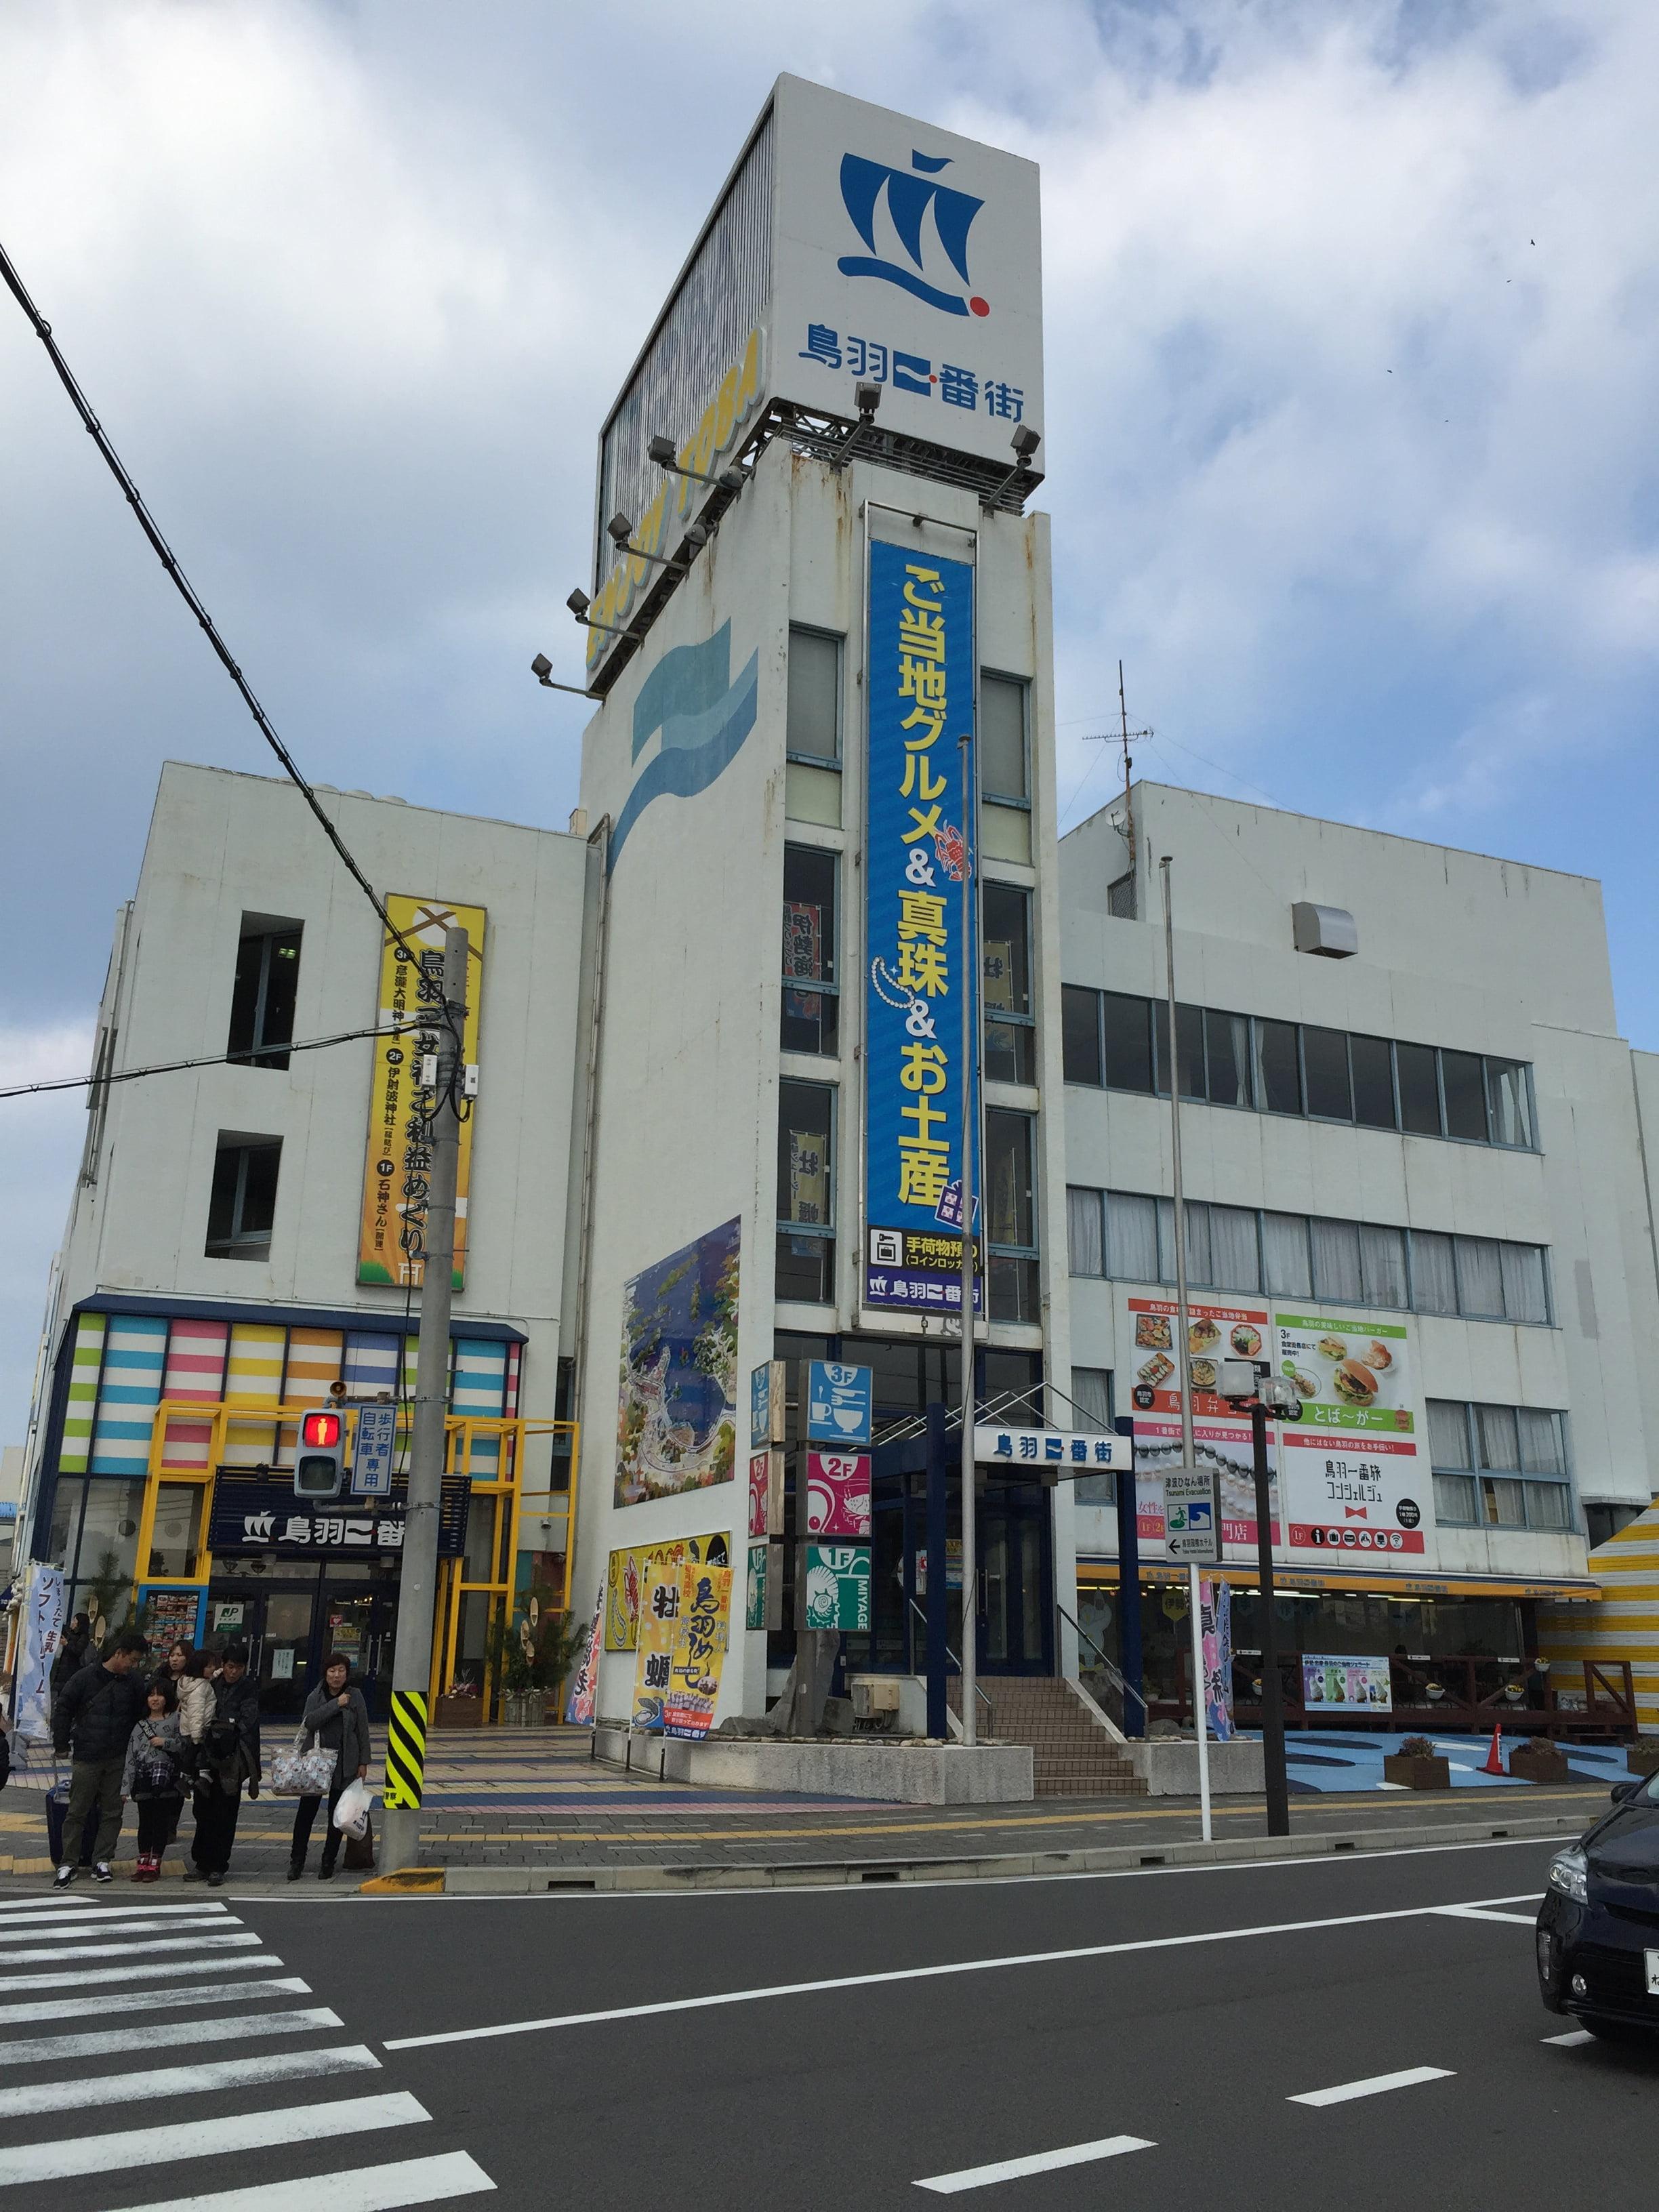 鳥羽駅附近的購物商場,除了有一般商場售賣品,也有當地特產--珍珠。